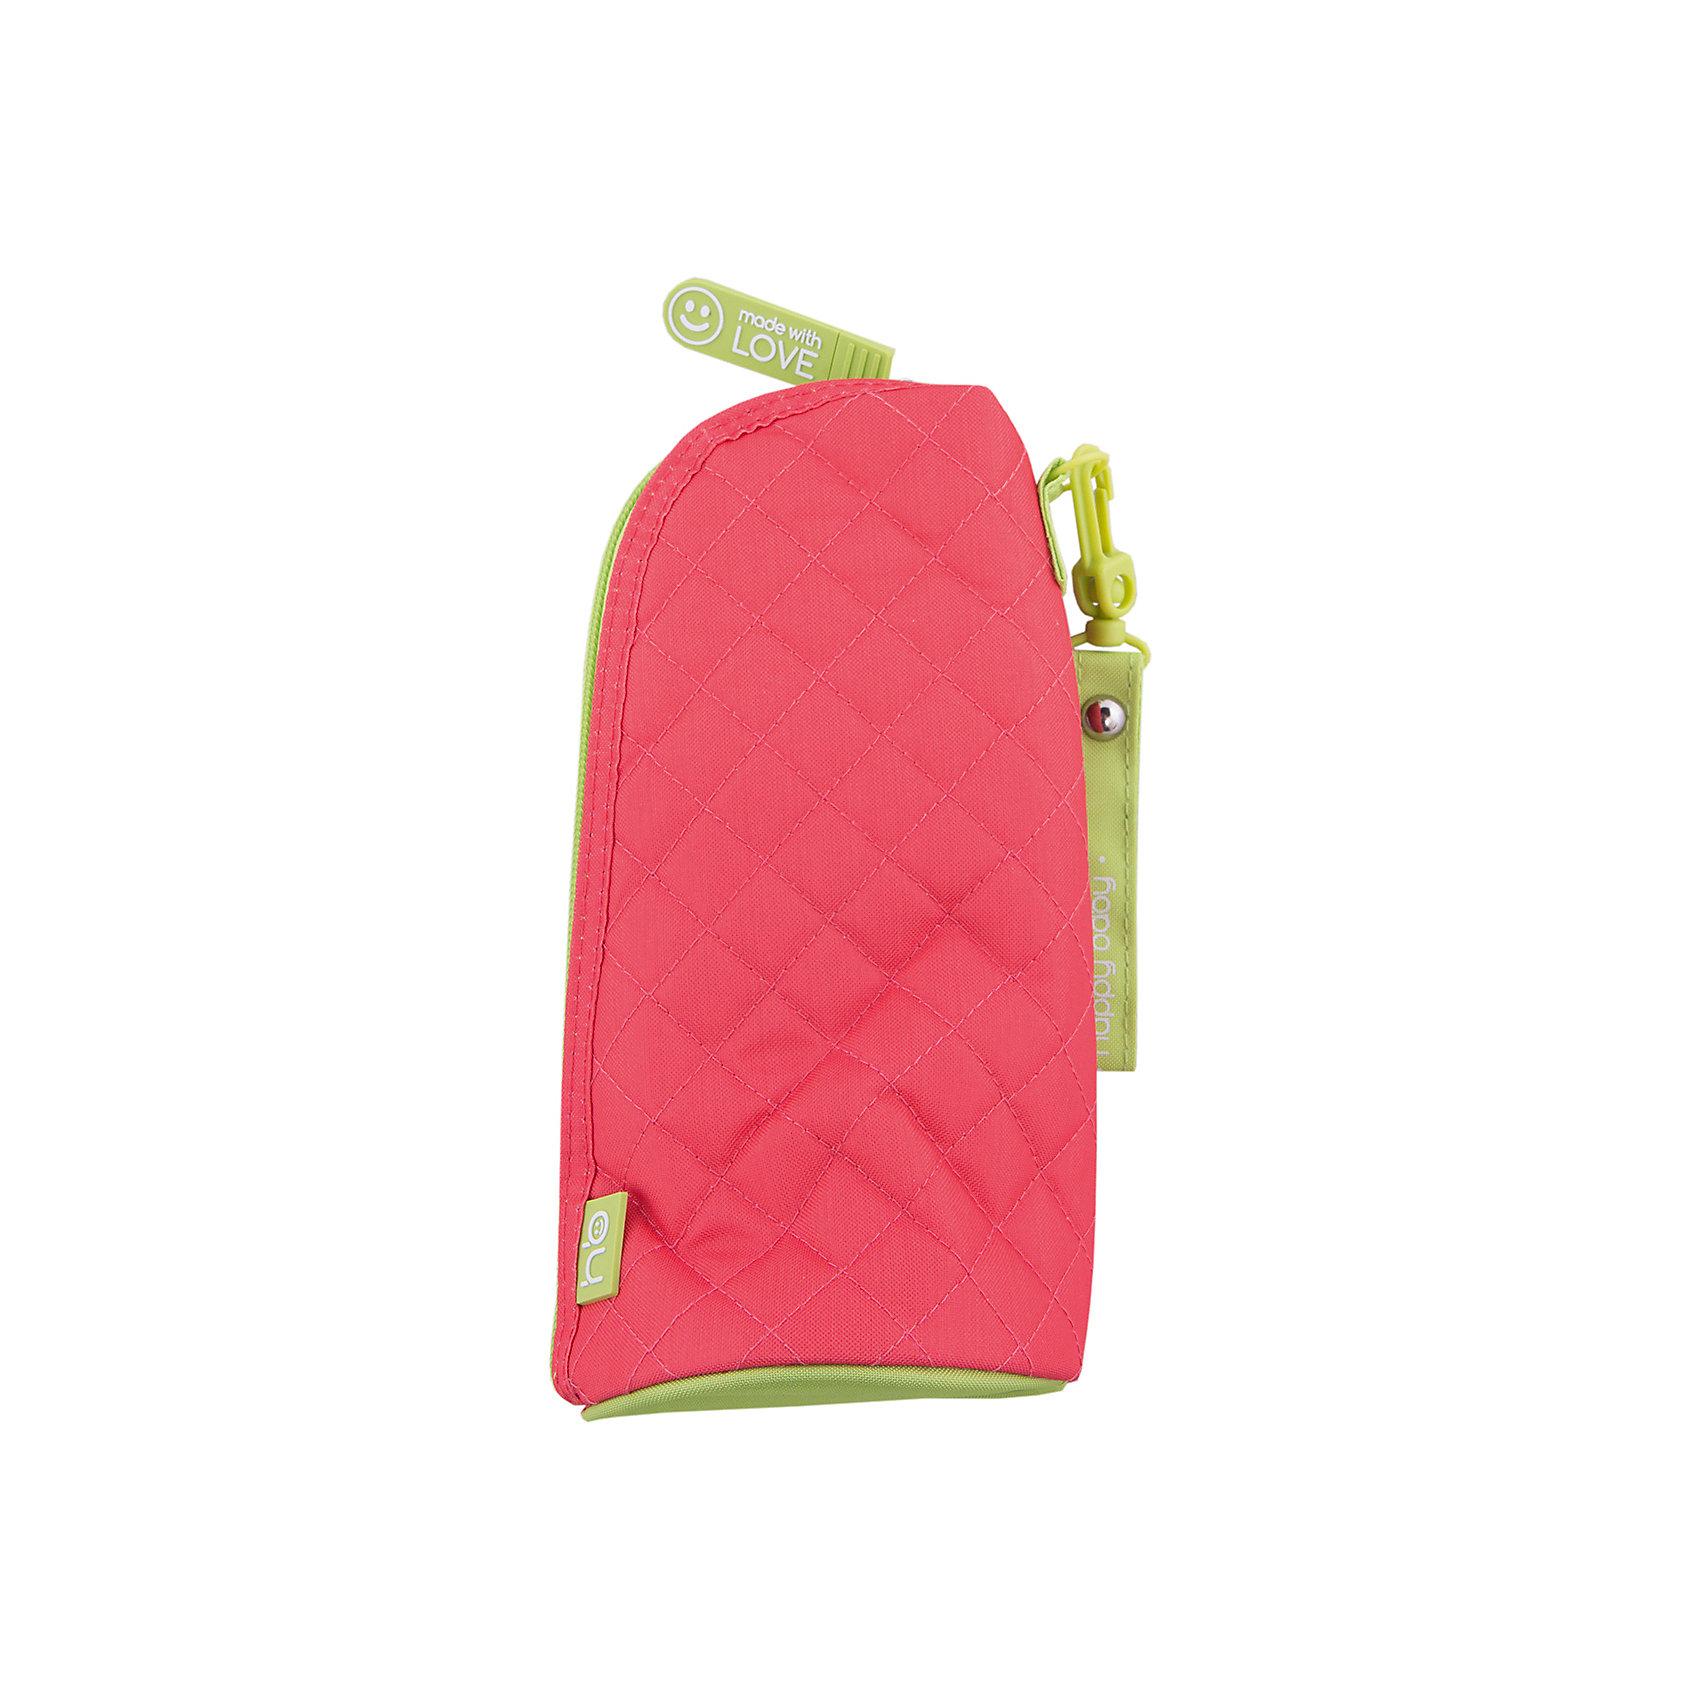 Пенал для бутылочек THERMO CASE FOR BOTTLES, Happy Baby, красныйУдобный пенал для бутылочек - отличный аксессуар для прогулок и поездок. Он помогает дольше сохранить нужную температуру содержимого бутылочки для малыша и защищает ее от повреждений. Футляр застёгивается на молнию и имеет удобное крепление на кнопке.<br><br>Дополнительная информация:<br><br>Материал: полиэстер, фольгированная ткань.<br>Бутылочка в комплект не входит.<br><br>Пенал для бутылочек THERMO CASE FOR BOTTLES, Happy Baby, красный можно купить в нашем магазине.<br><br>Ширина мм: 100<br>Глубина мм: 150<br>Высота мм: 50<br>Вес г: 150<br>Возраст от месяцев: 0<br>Возраст до месяцев: 36<br>Пол: Женский<br>Возраст: Детский<br>SKU: 4146885